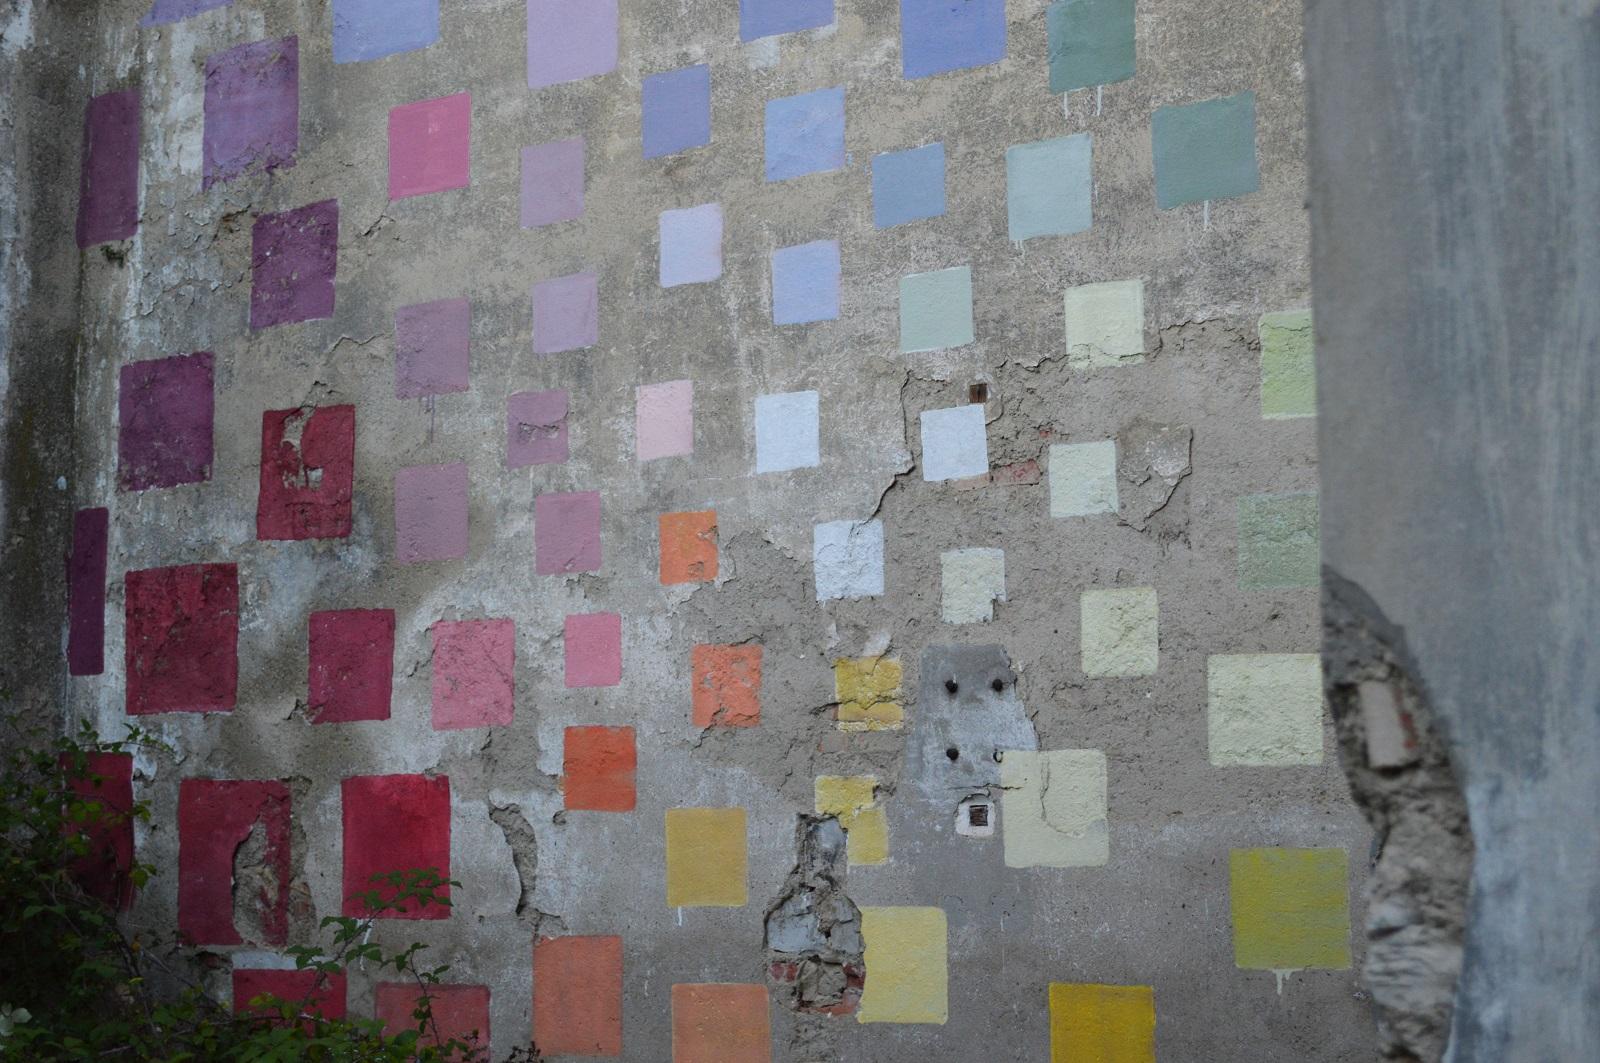 alberonero-new-mural-in-prato-04